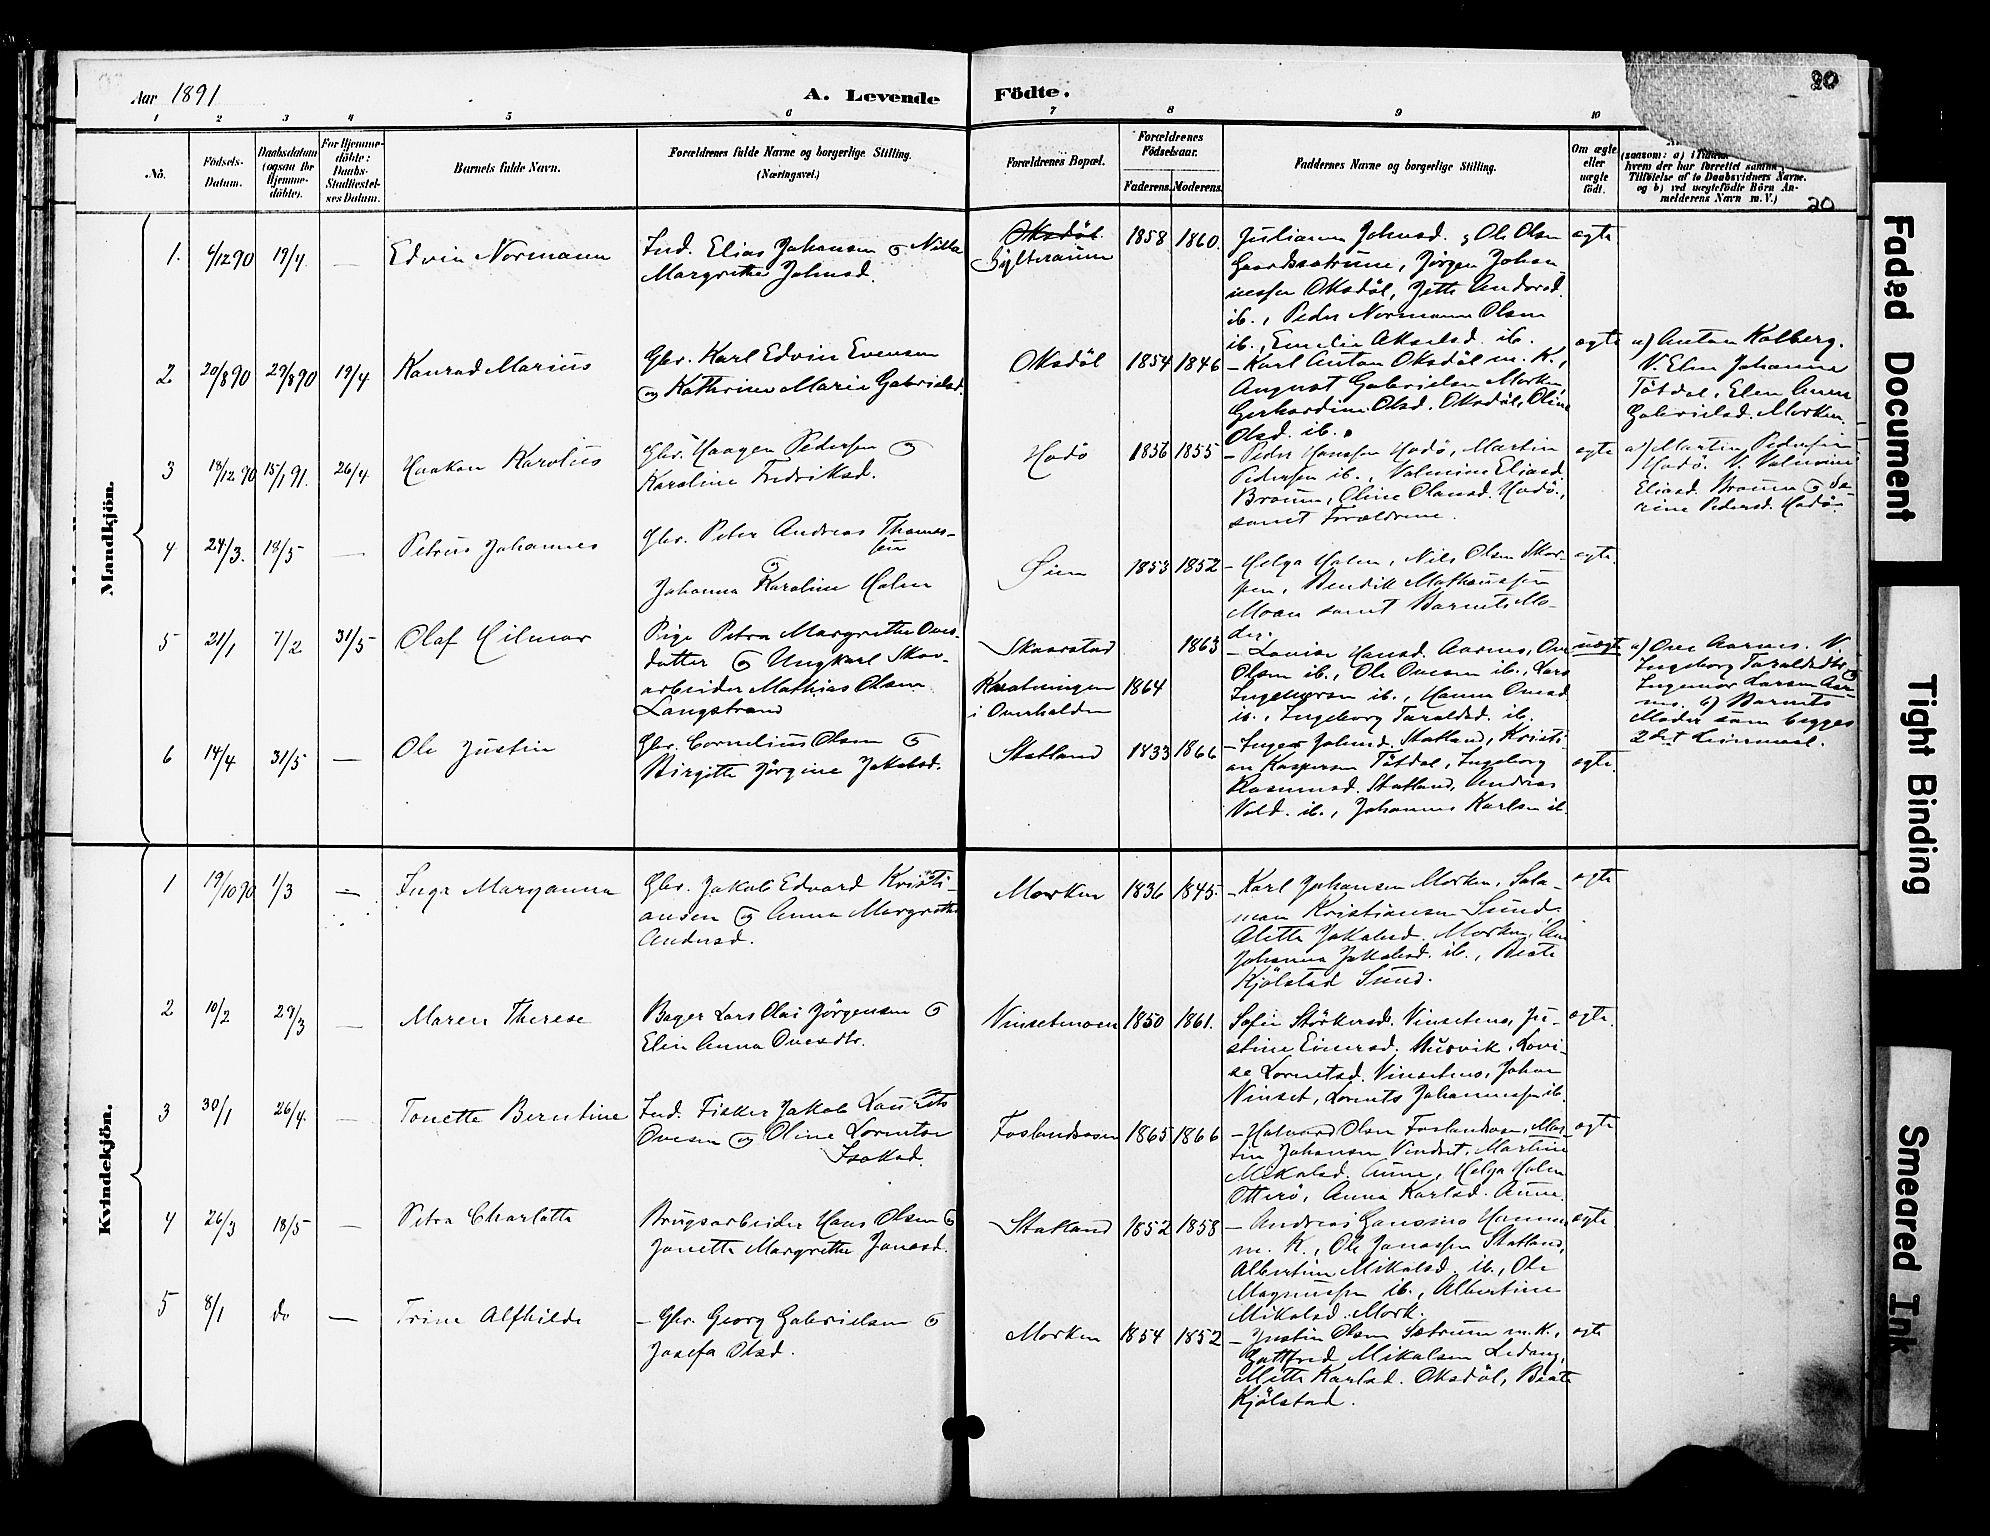 SAT, Ministerialprotokoller, klokkerbøker og fødselsregistre - Nord-Trøndelag, 774/L0628: Ministerialbok nr. 774A02, 1887-1903, s. 20